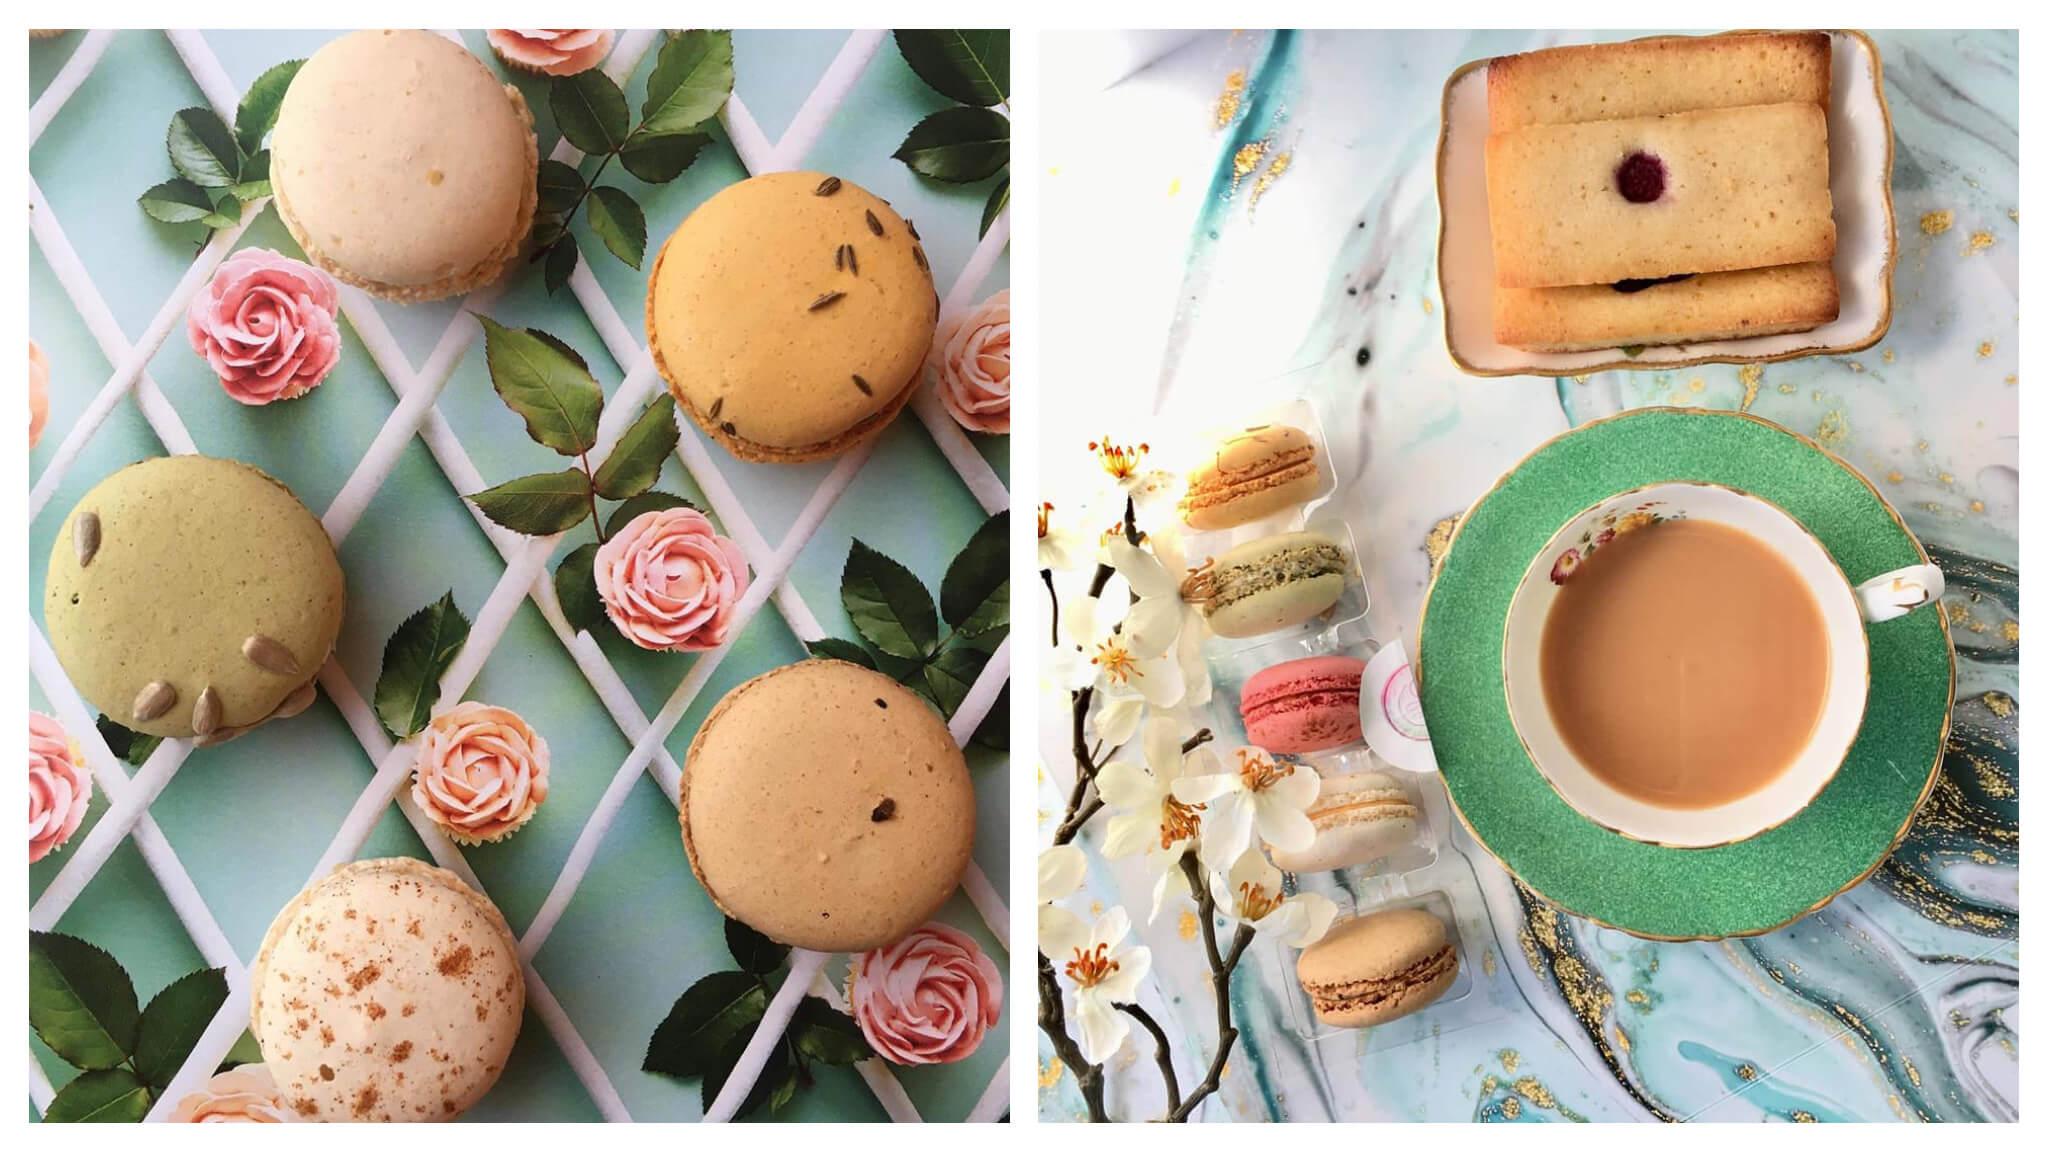 RepChamp's gourmet macarons